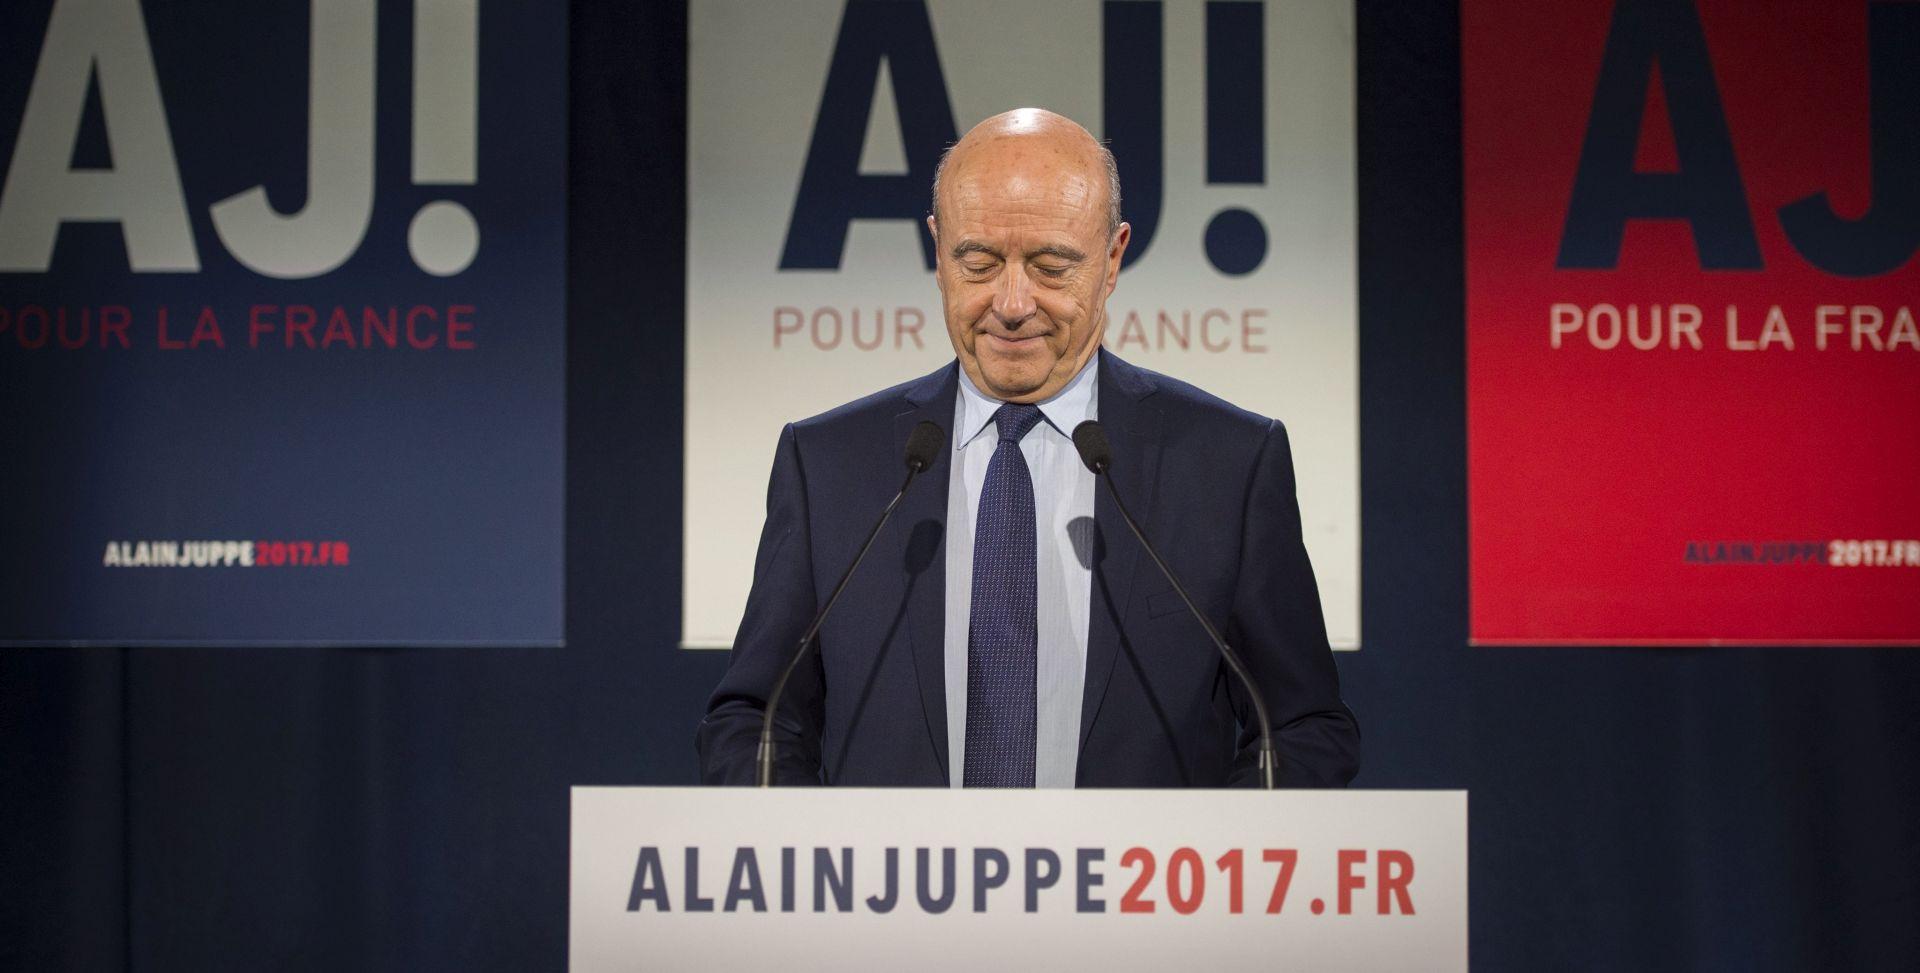 Juppe demantira da se s Macronom dogovorio oko vlade